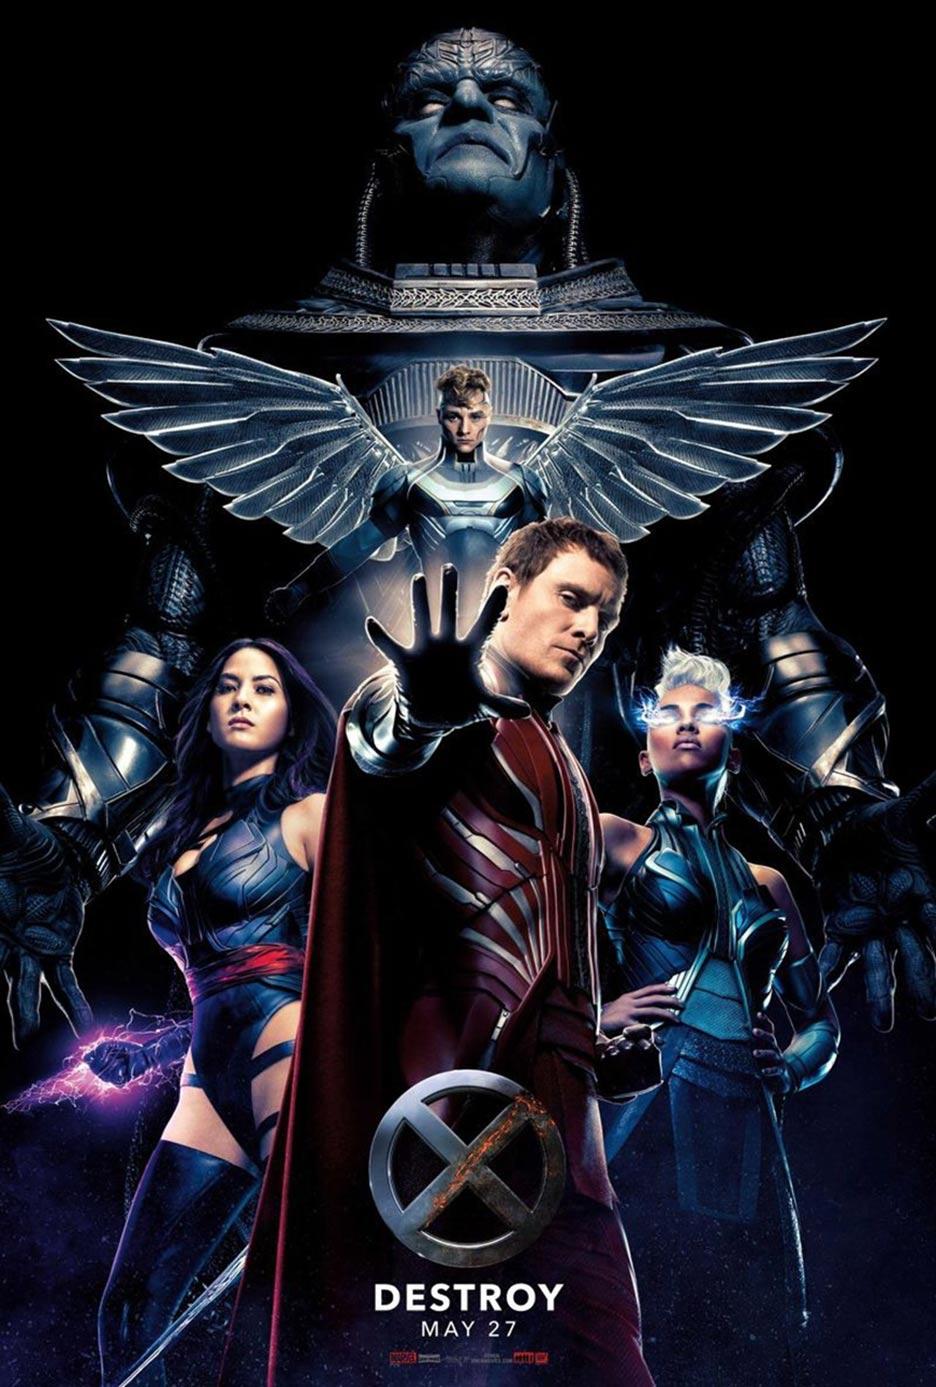 X-Men: Apocalypse Poster #4